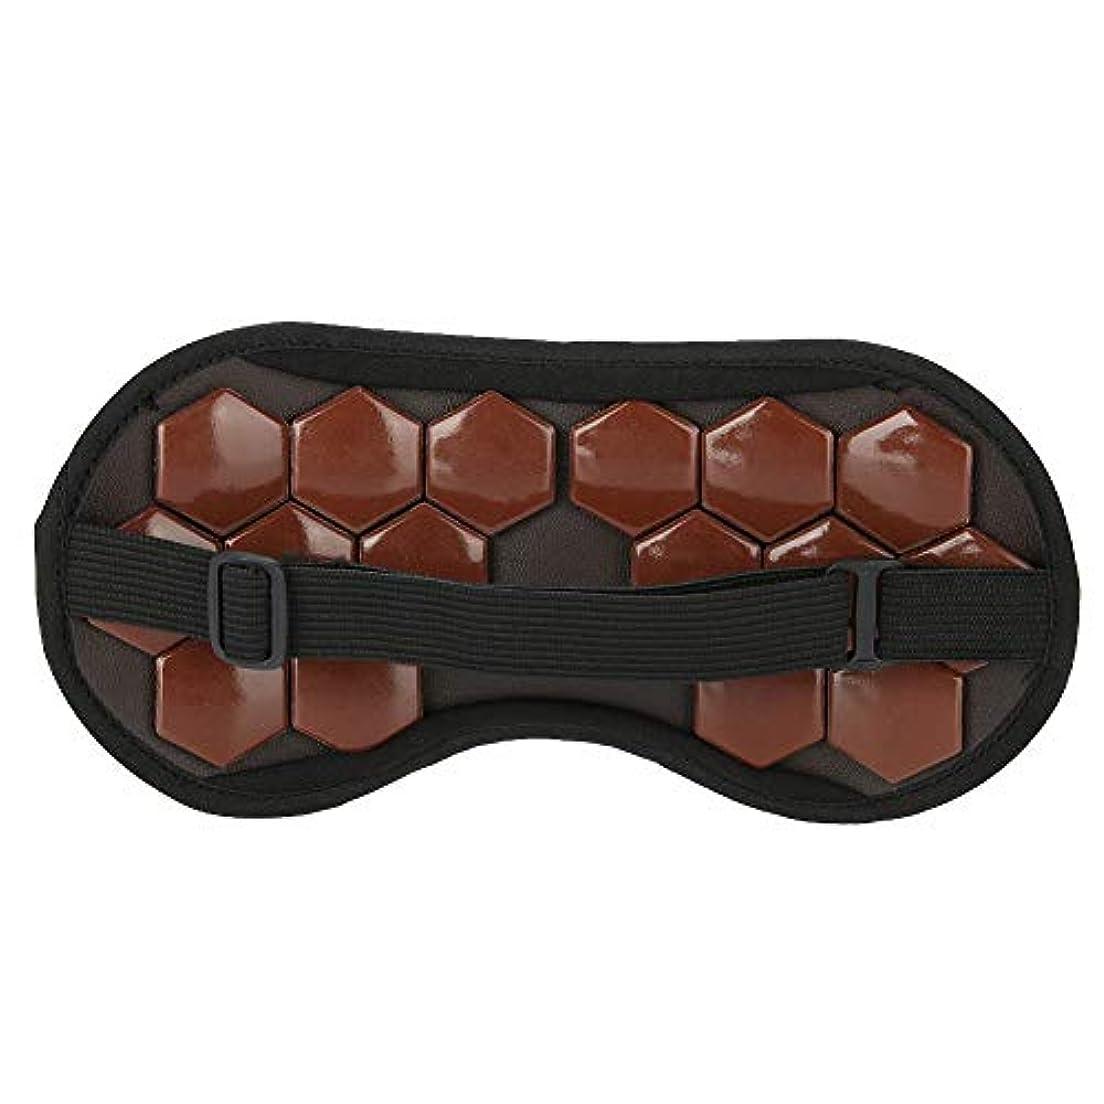 カウンターパートコーン納税者睡眠のアイマスク、旅行のための磁気マッサージャーの遮光の目隠しの目カバー昼寝シフト作業(1#)